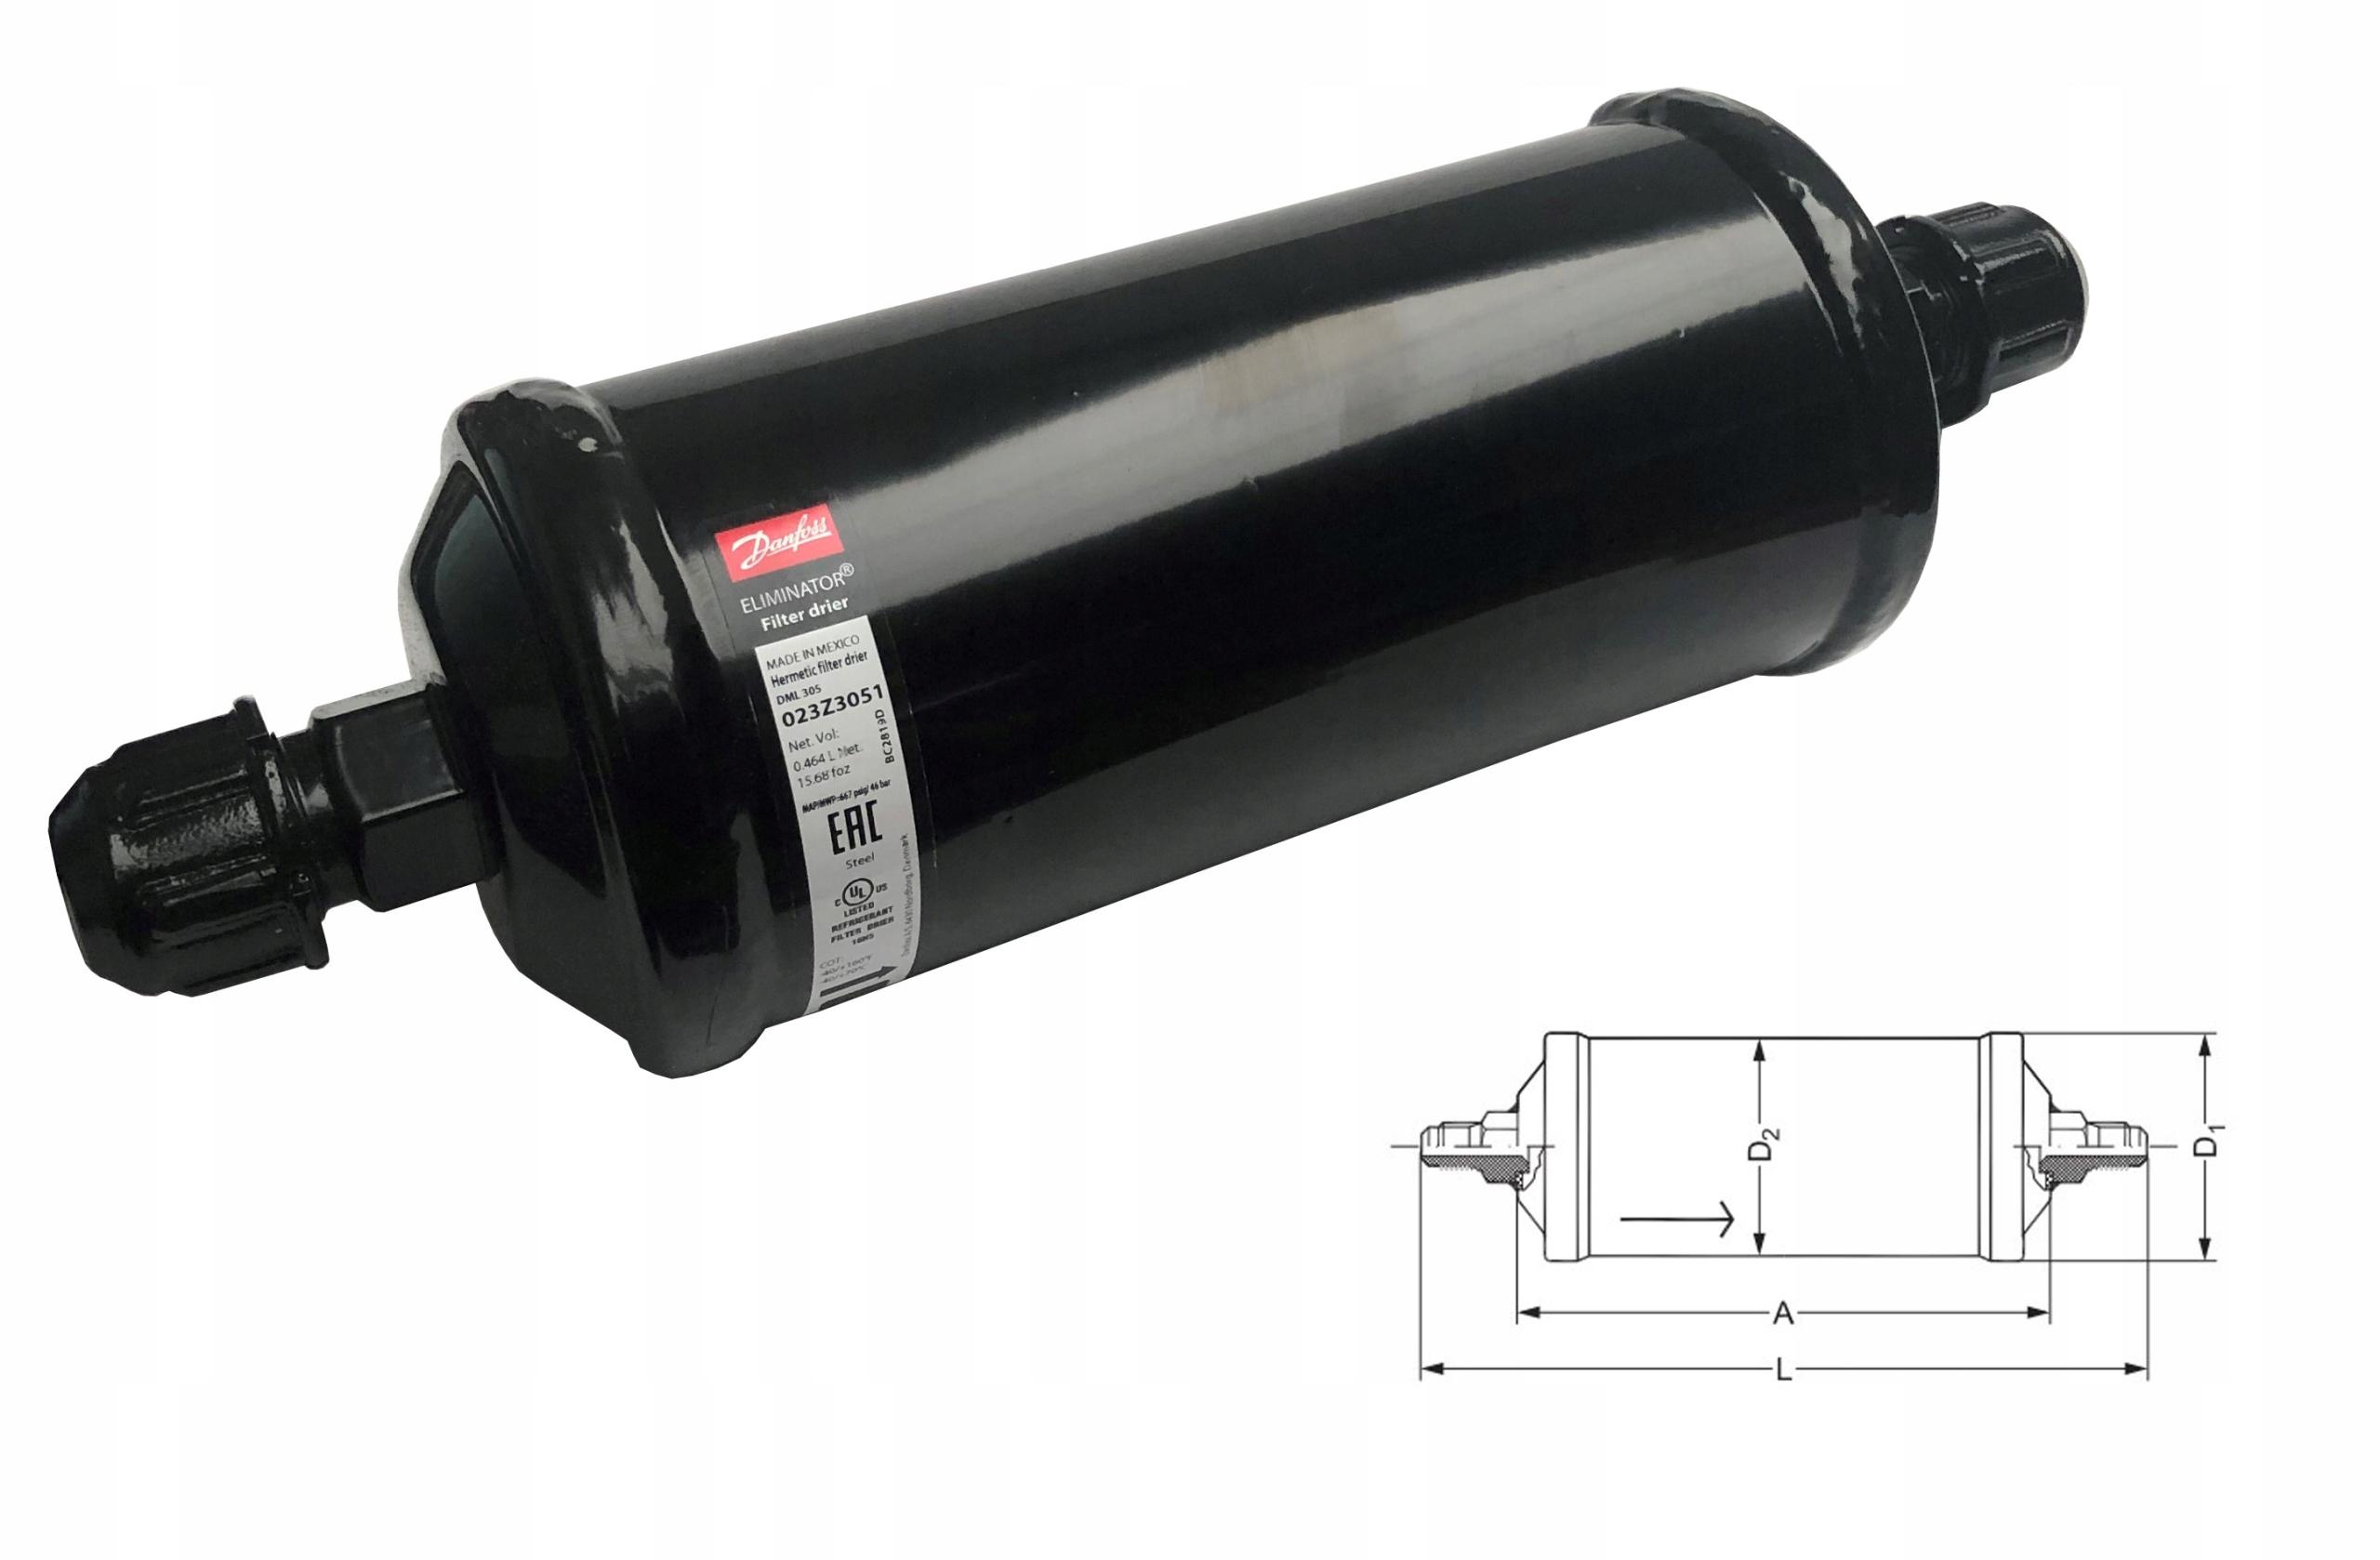 фильтр осушитель клапан danfoss dml305 58 - 58